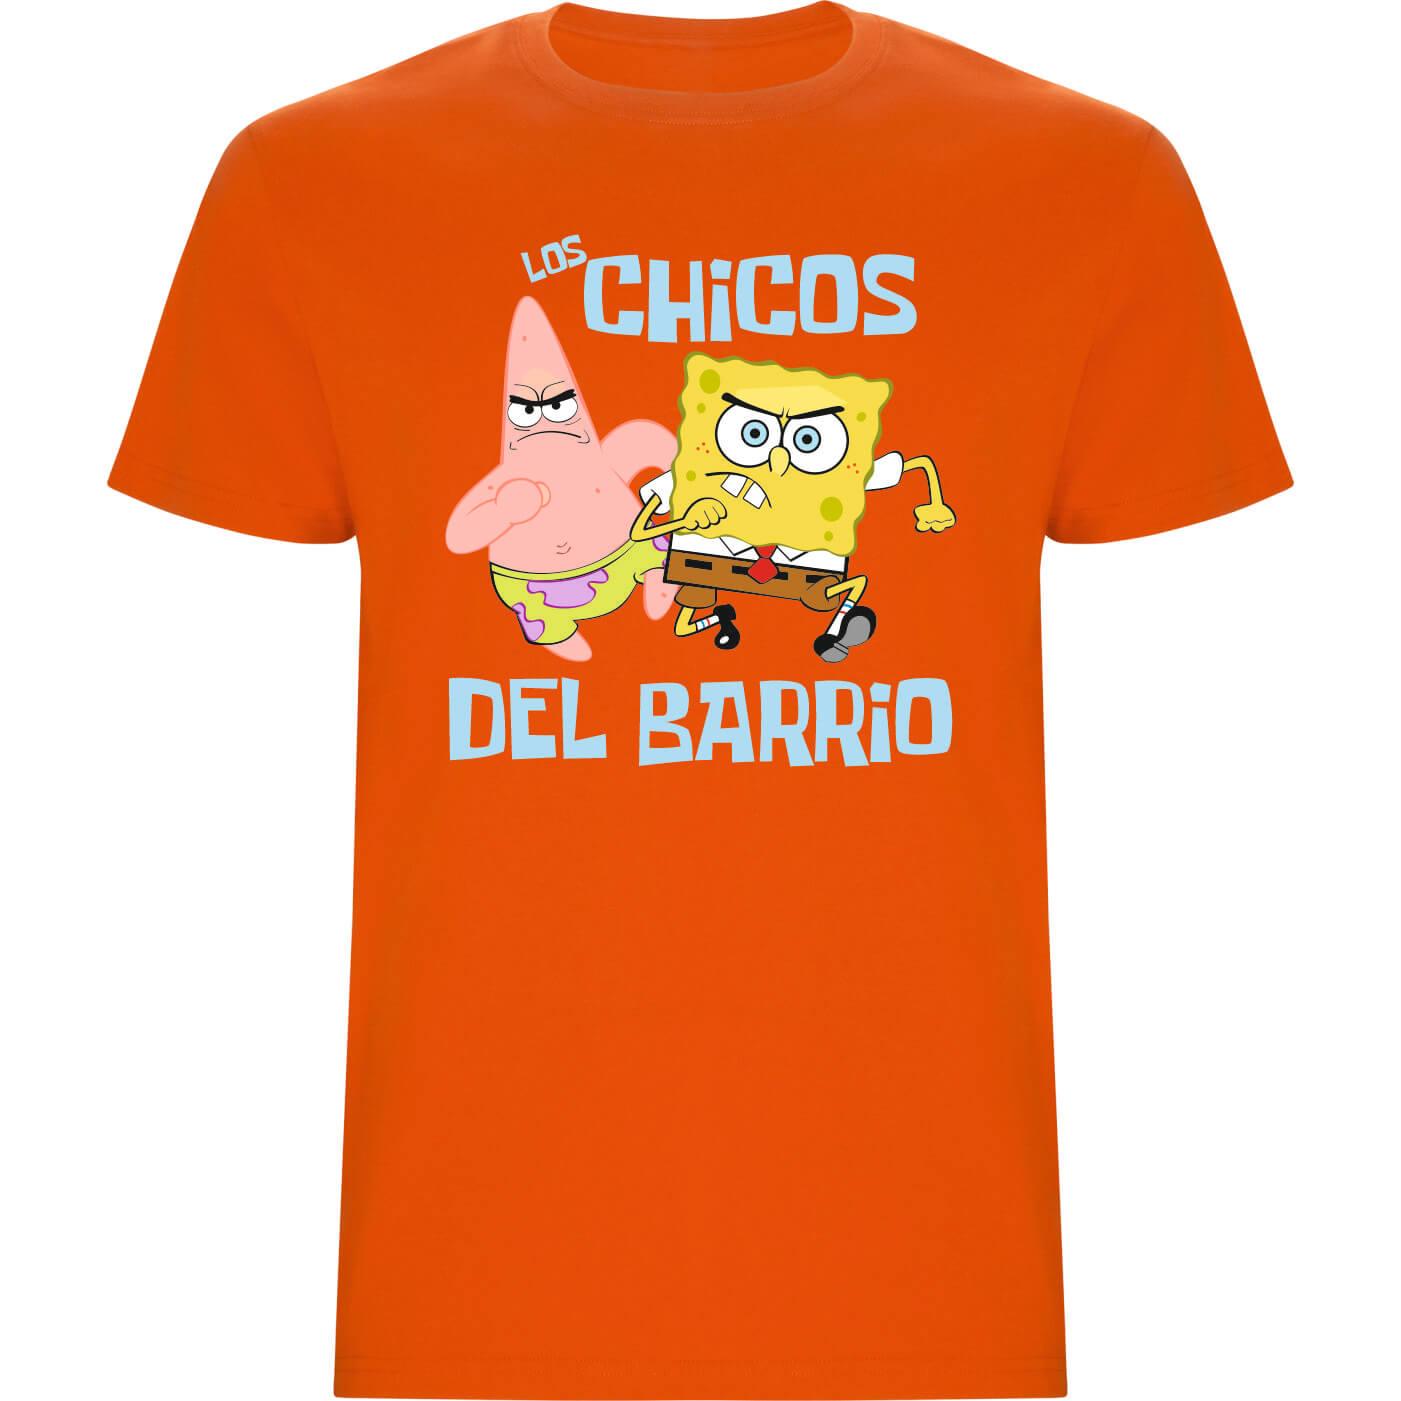 Los chicos del barrio camiseta de niño verde naranja